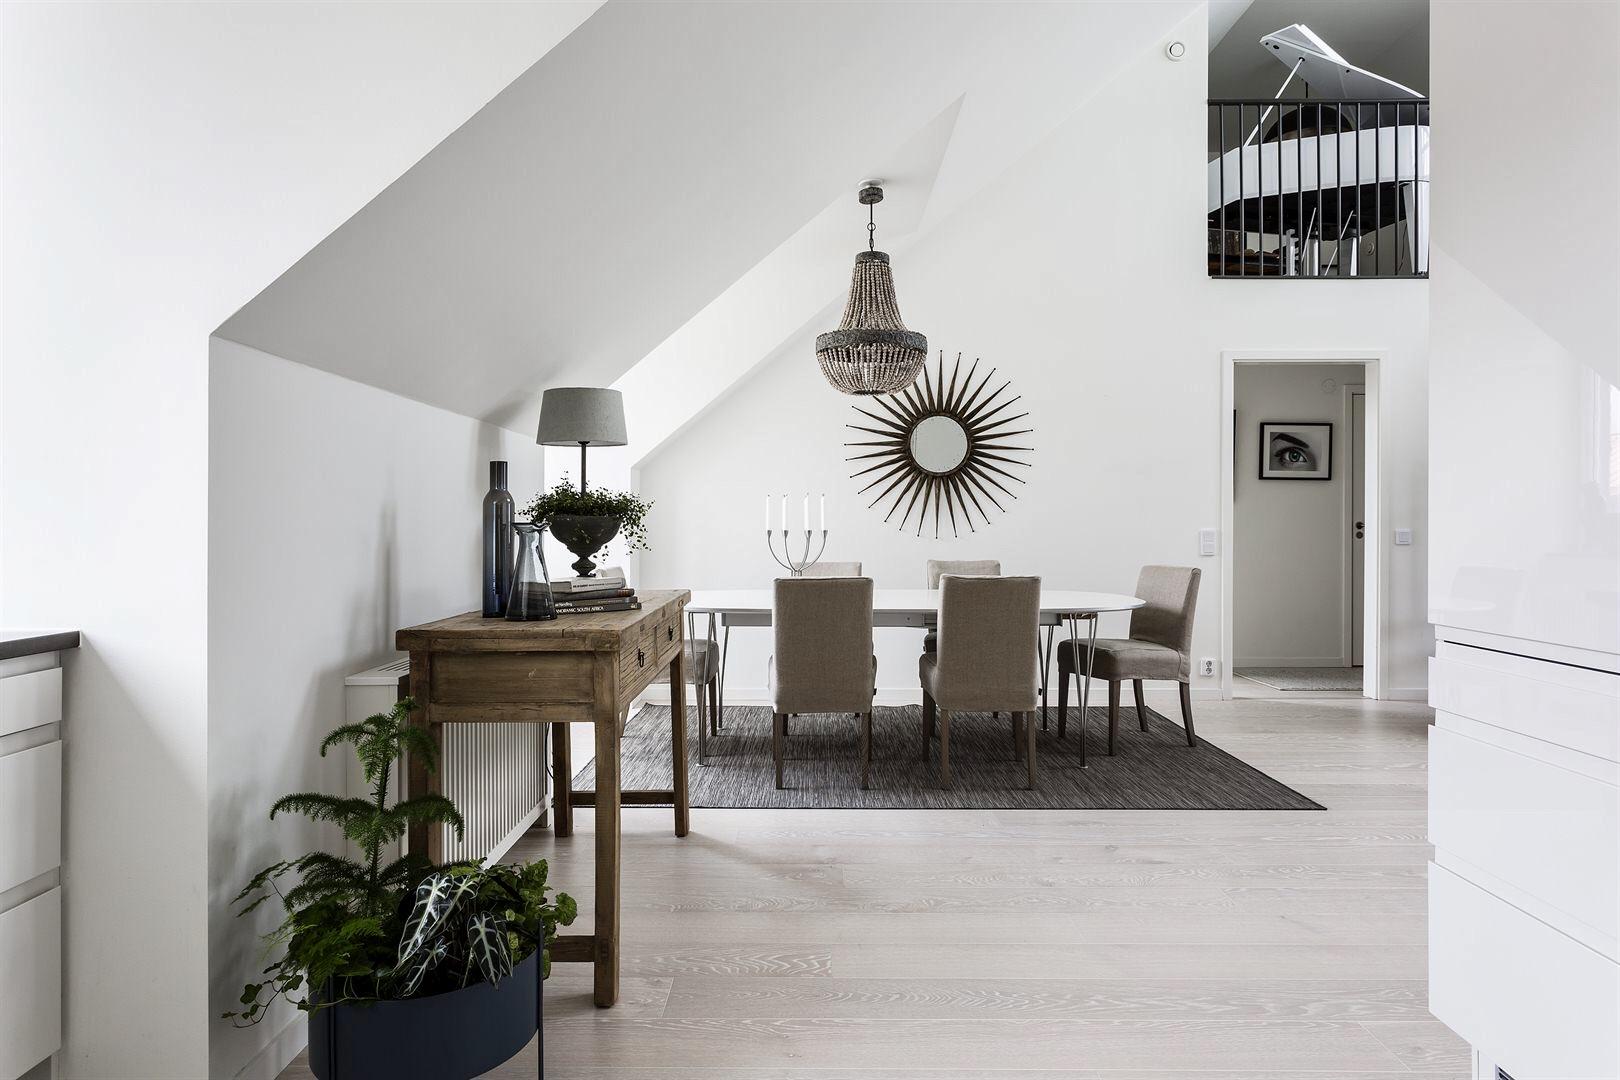 кухня столовая обеденный стол люстра над столом белые стены деревянная консоль